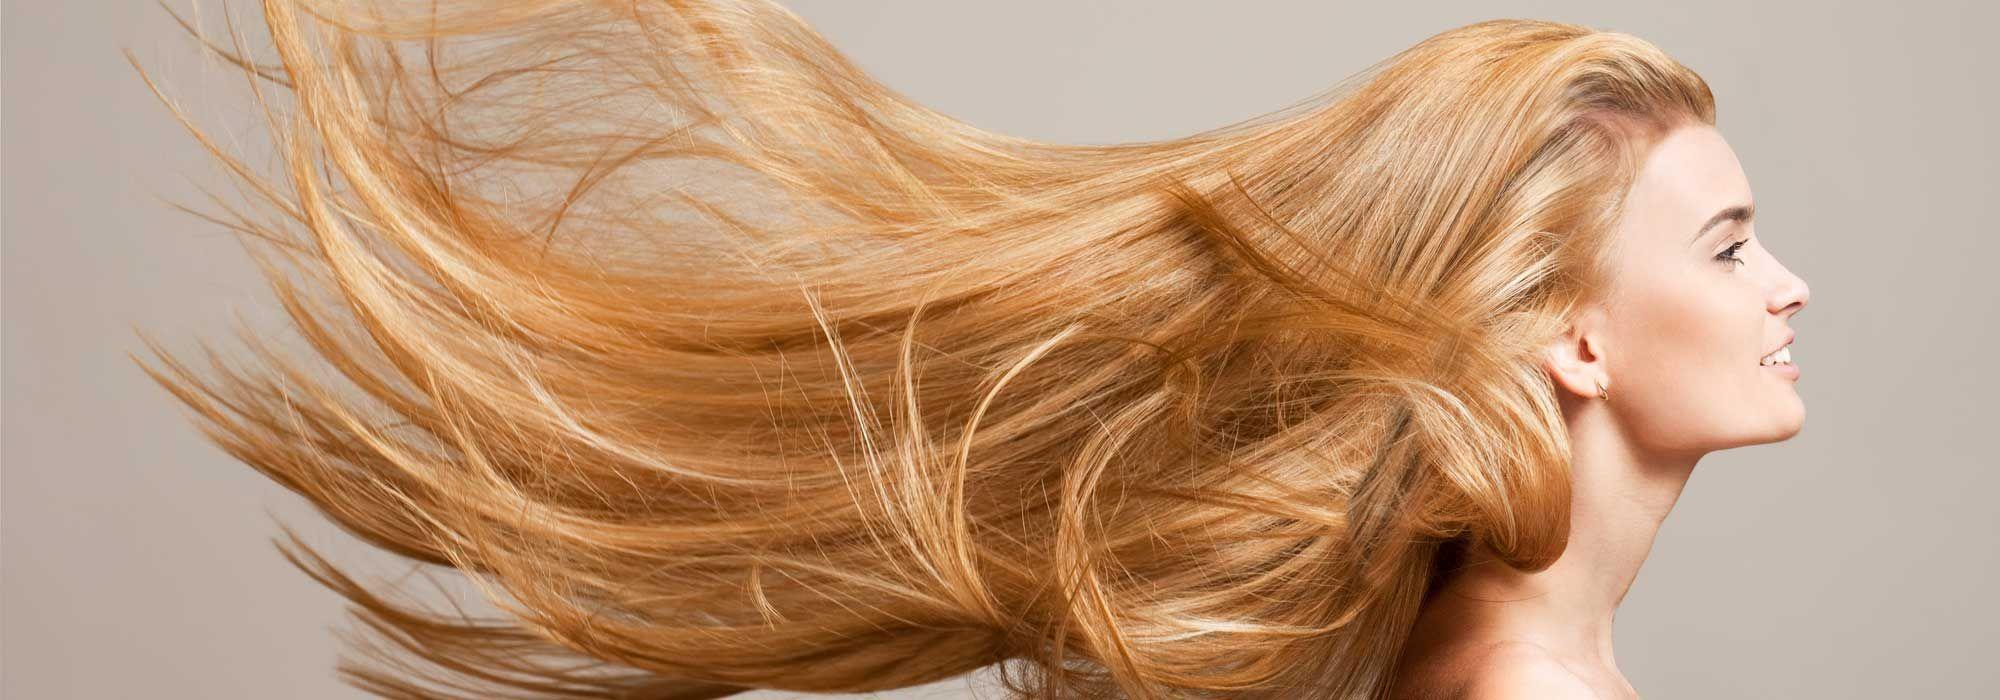 Haarverlngerungverdichtung  Percken  Friseursalon Dnch